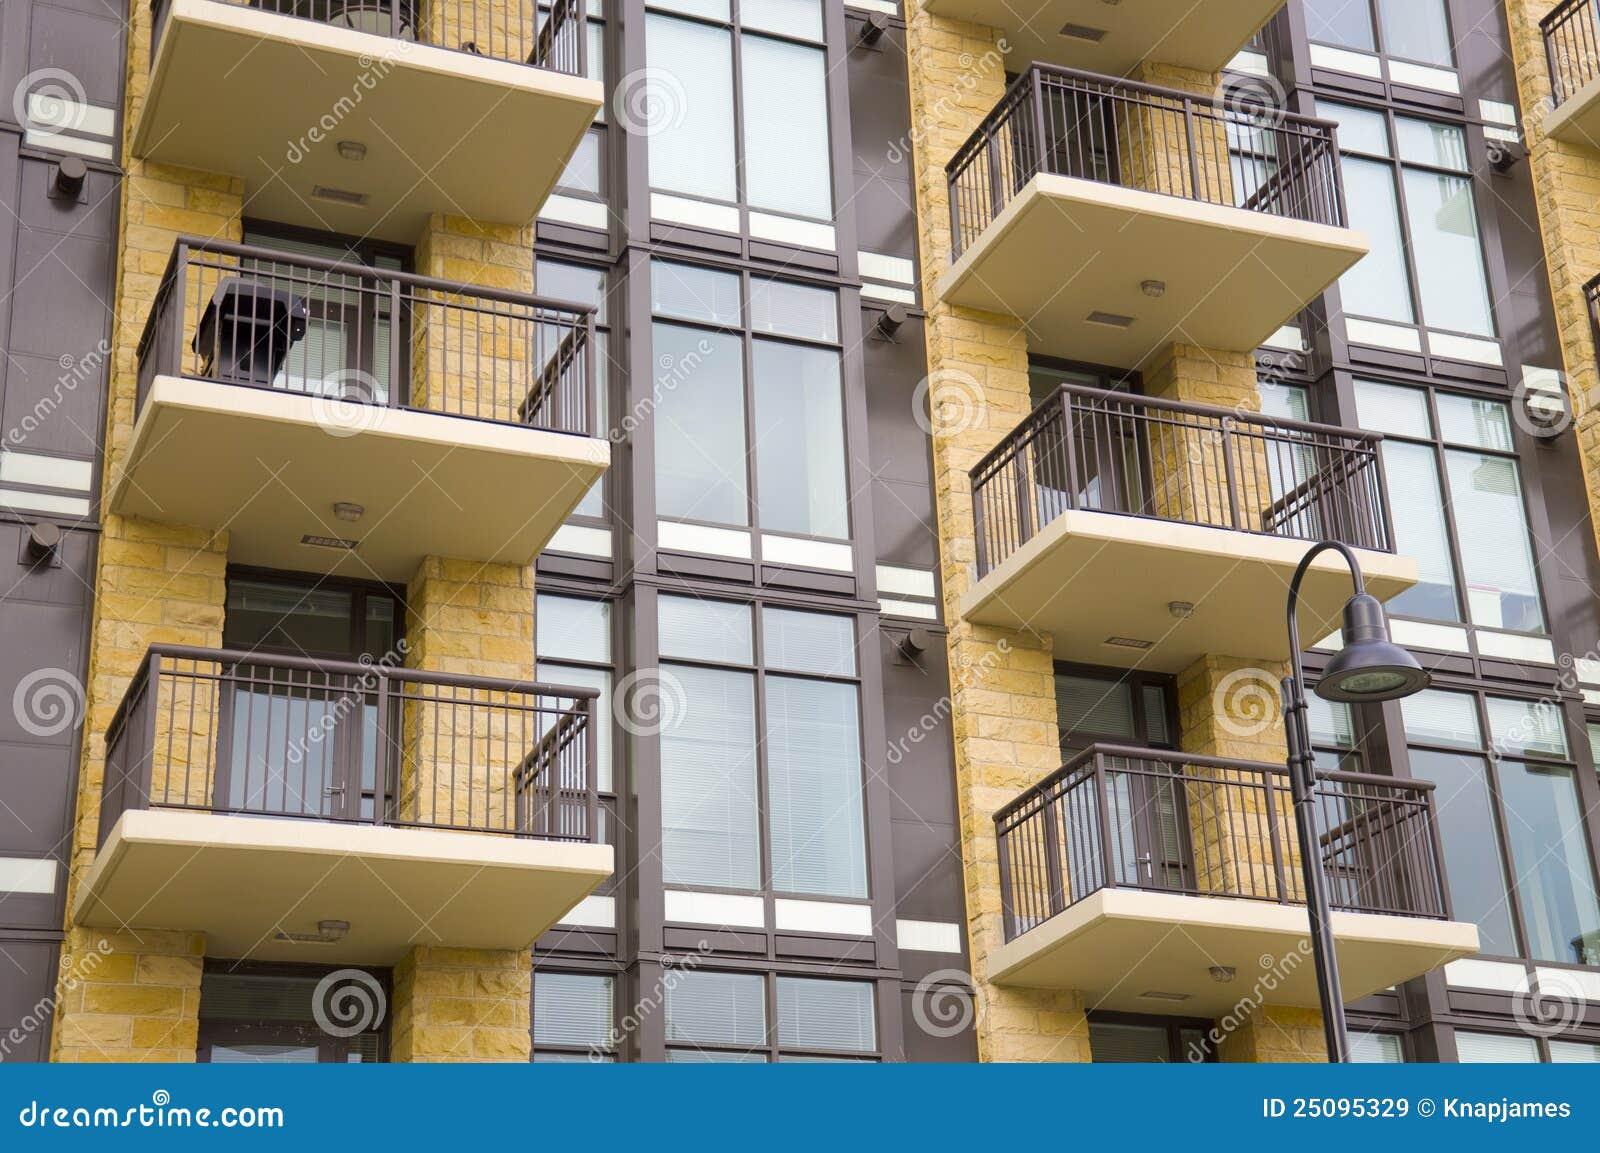 квартиры здания жилого квартала